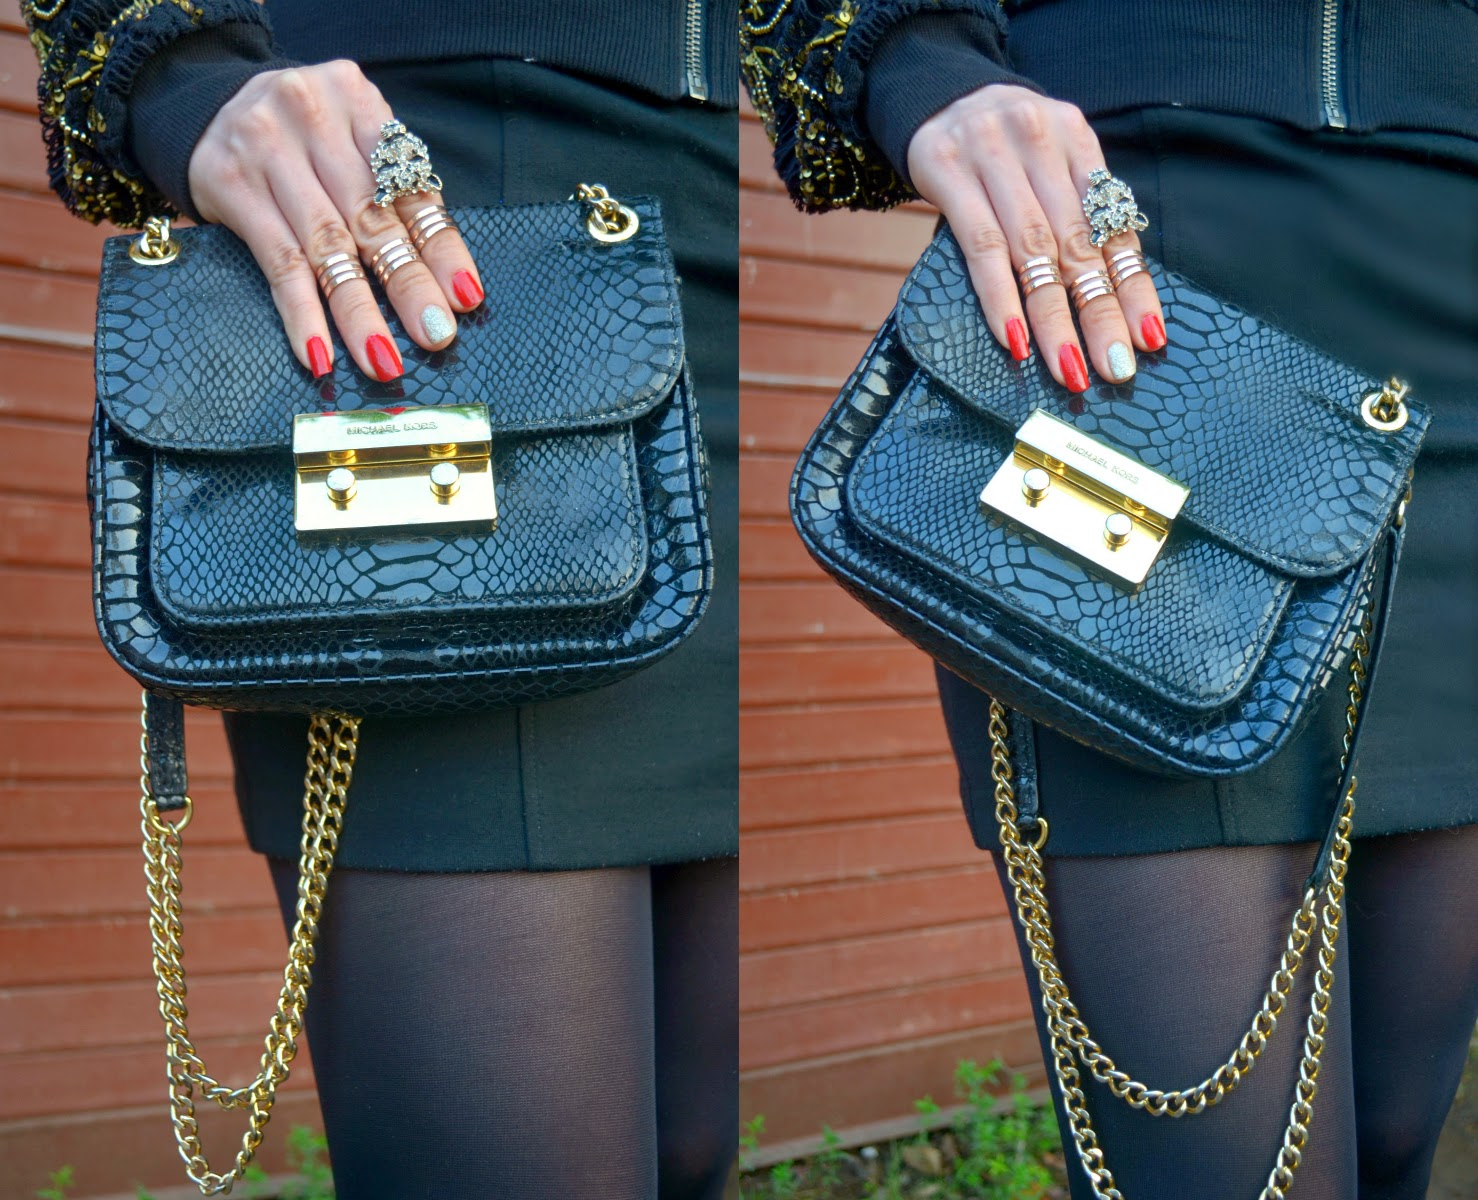 Michael Kors black snakeskin bag